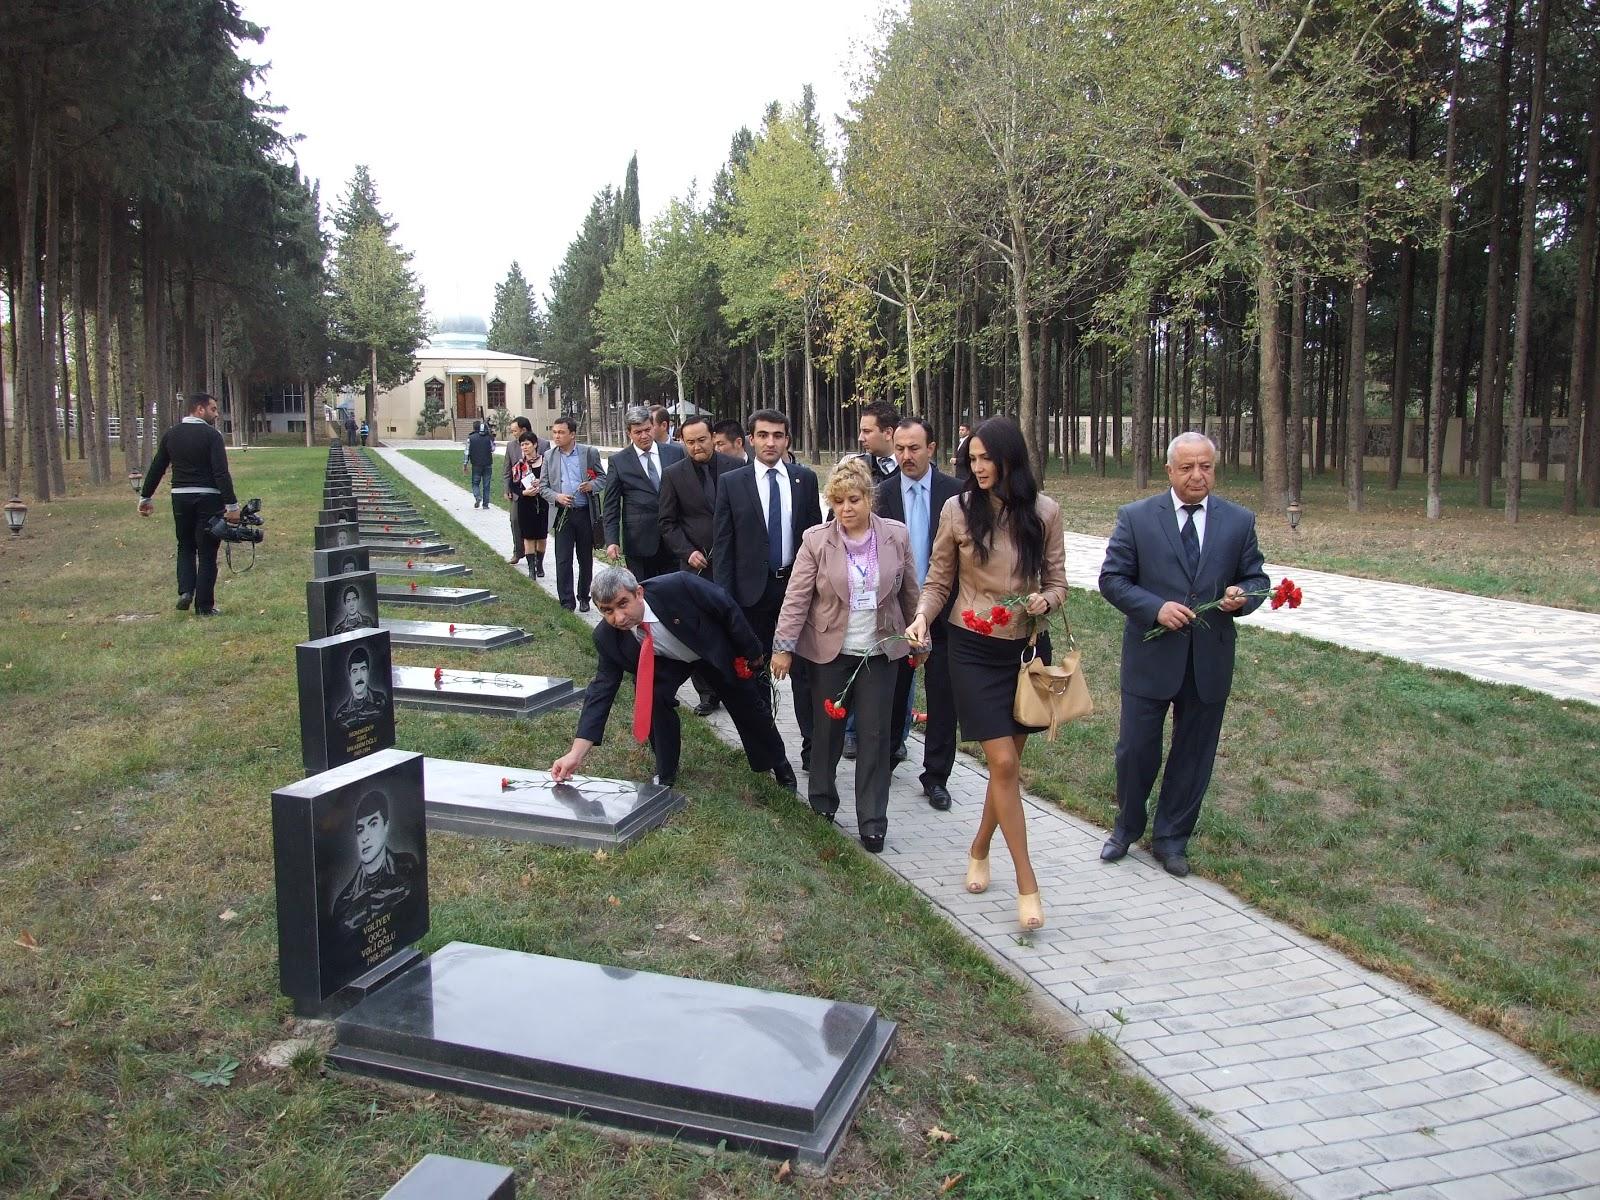 kircali: Rafet Ulutürk'ün Azerbaycan gezisinden notlar